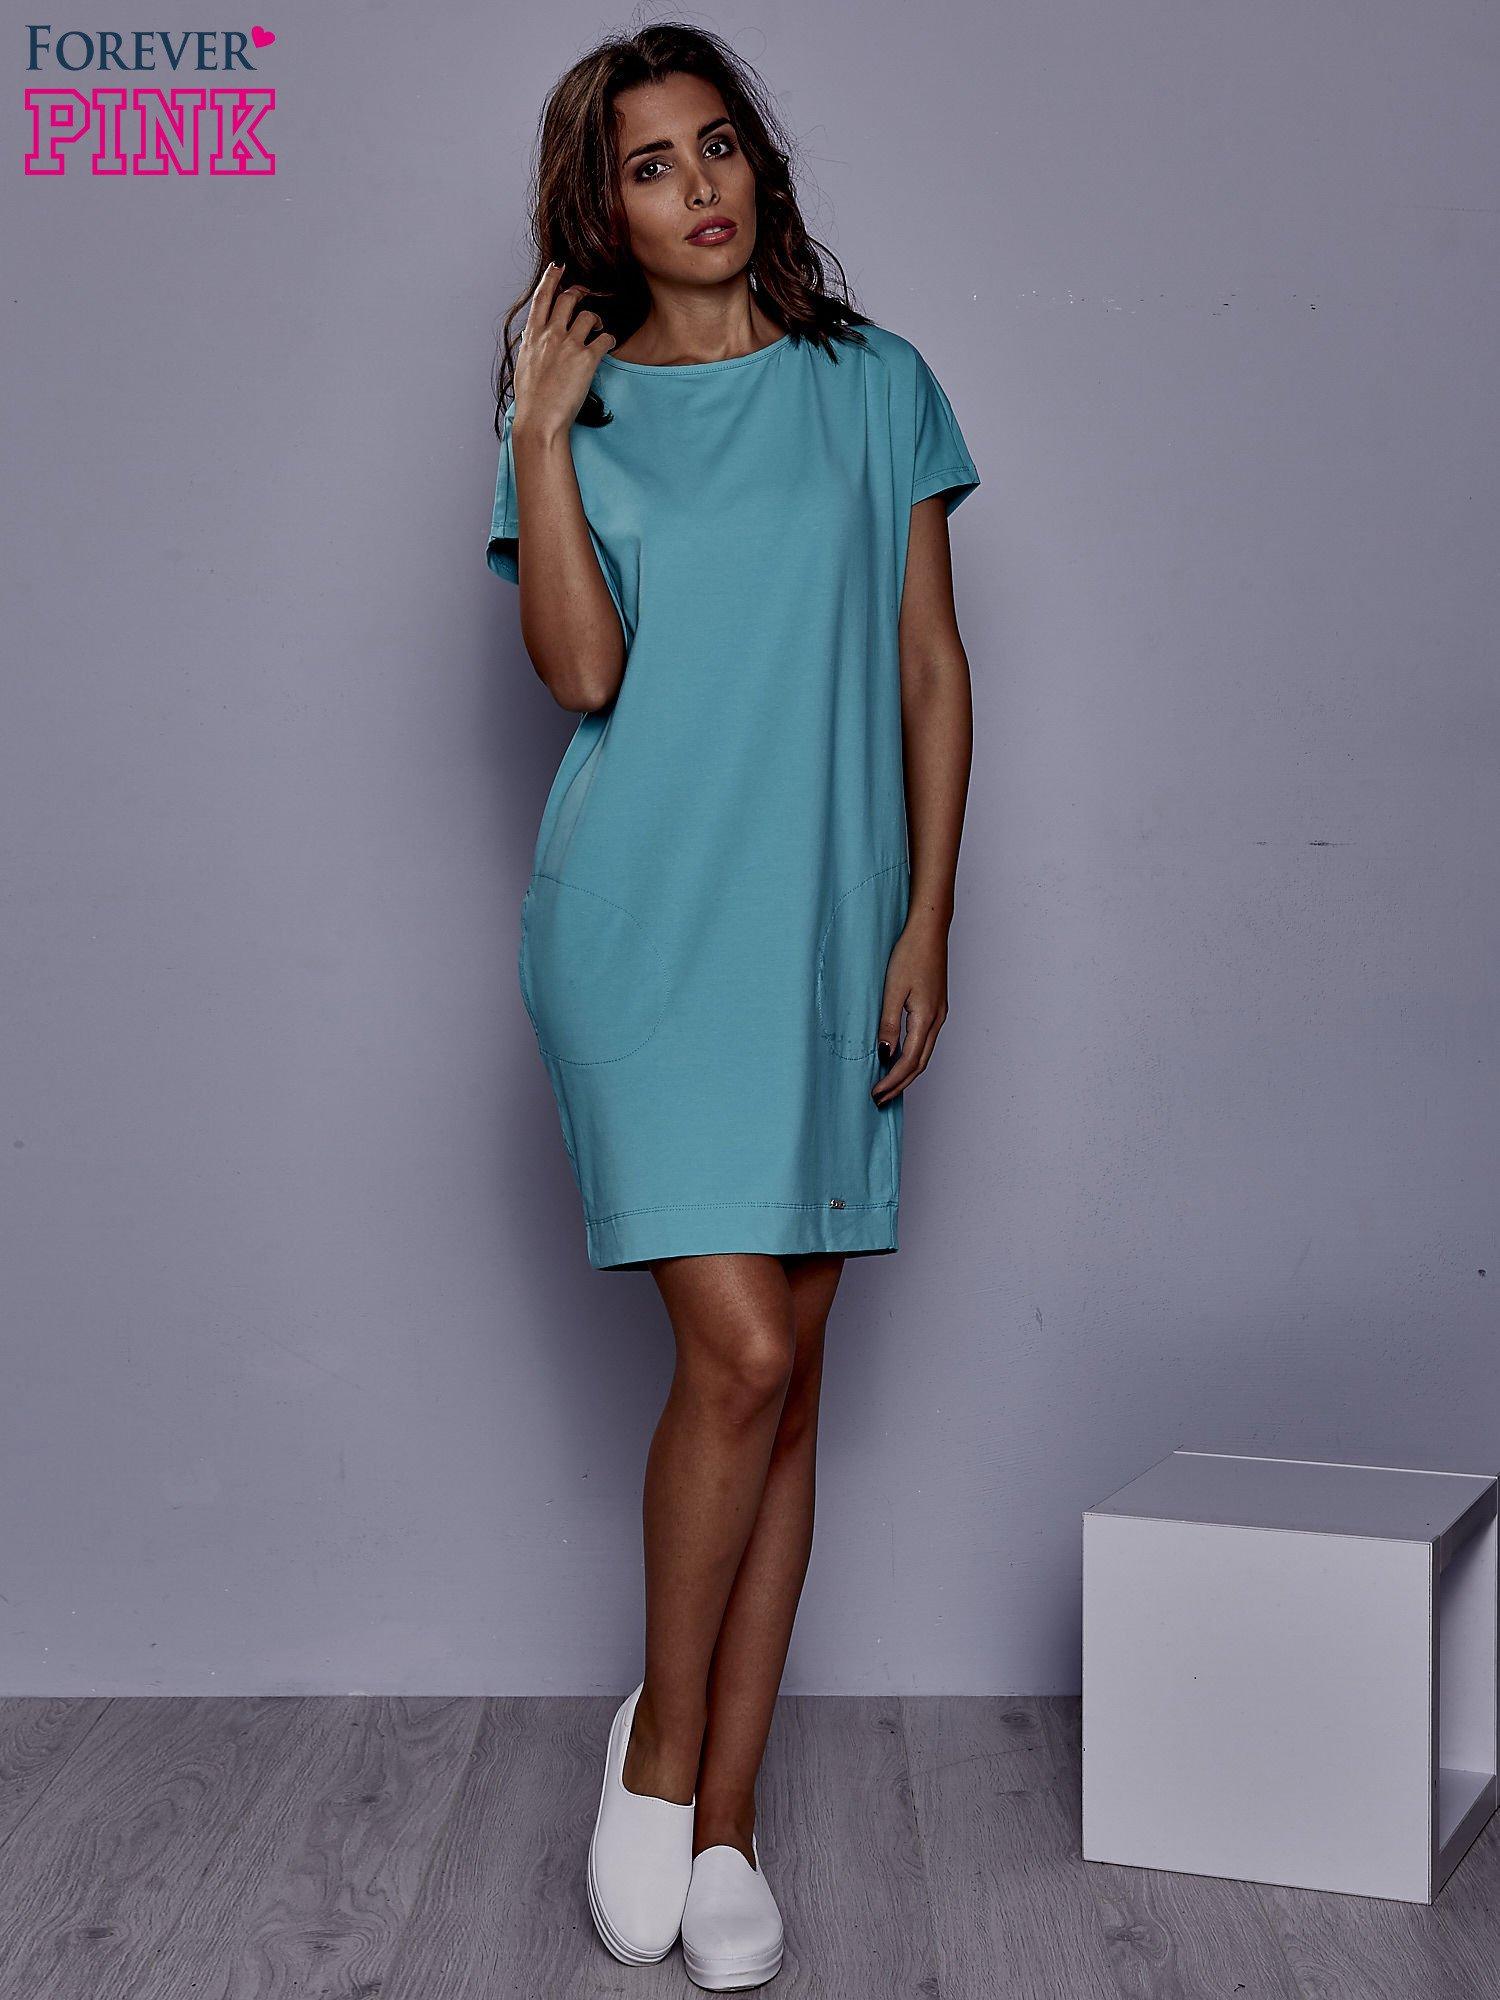 Jasnozielona sukienka dresowa z kieszeniami po bokach                                  zdj.                                  2